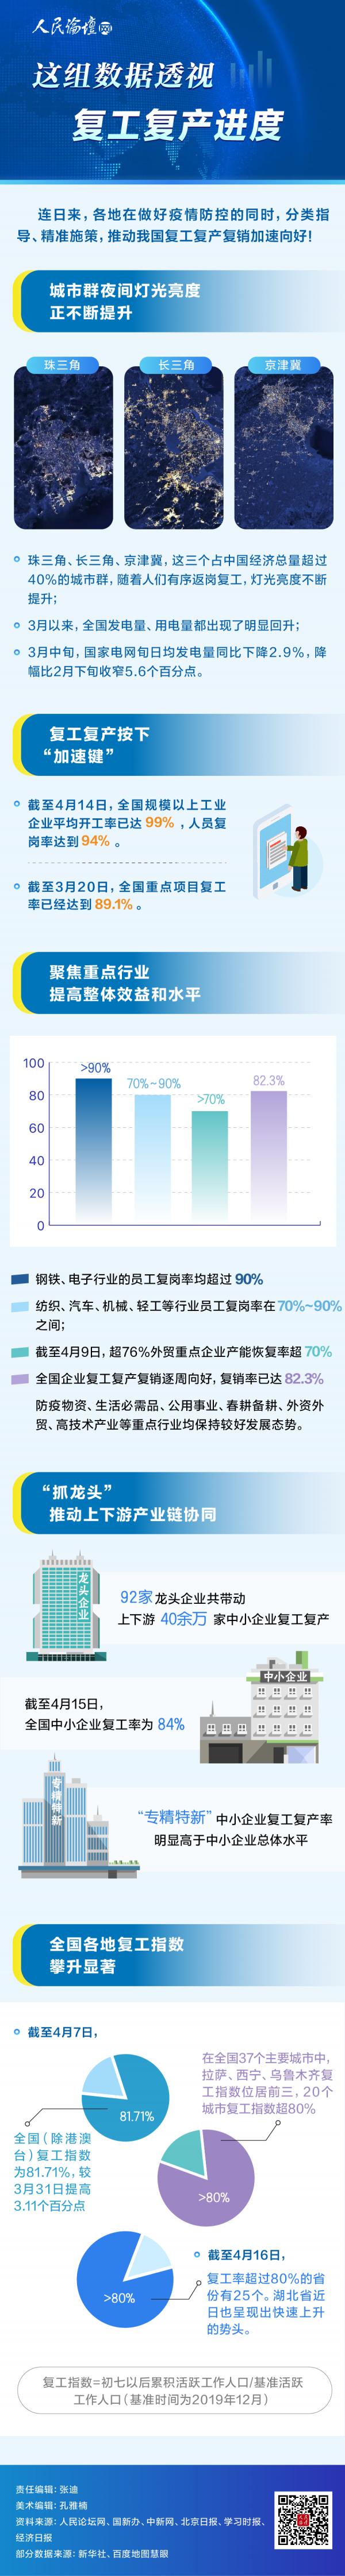 『人民论坛网』人民论坛图解   这组数据透视复工复产进度